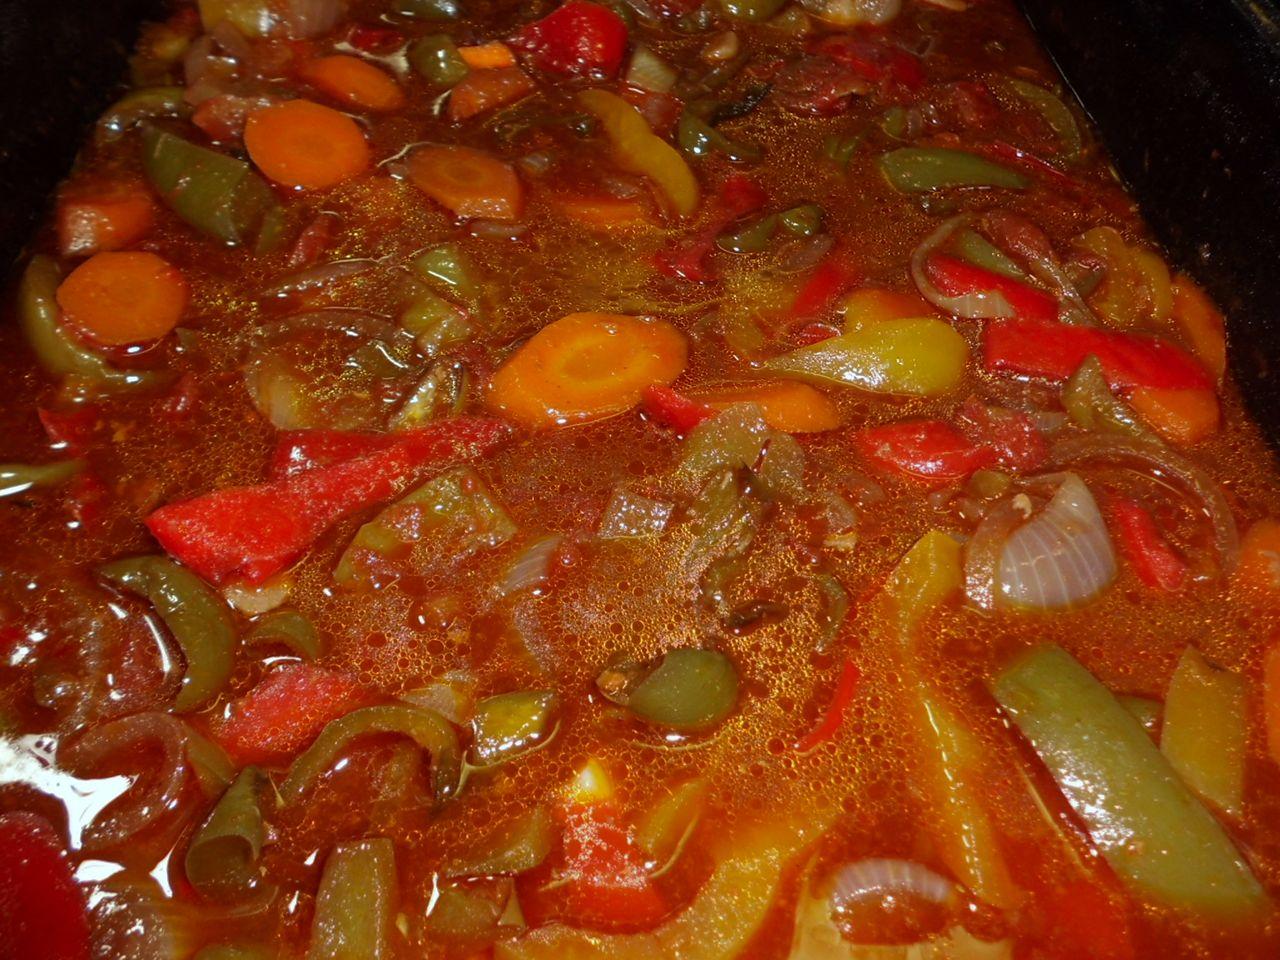 Die Soße mit Speisestärke andicken